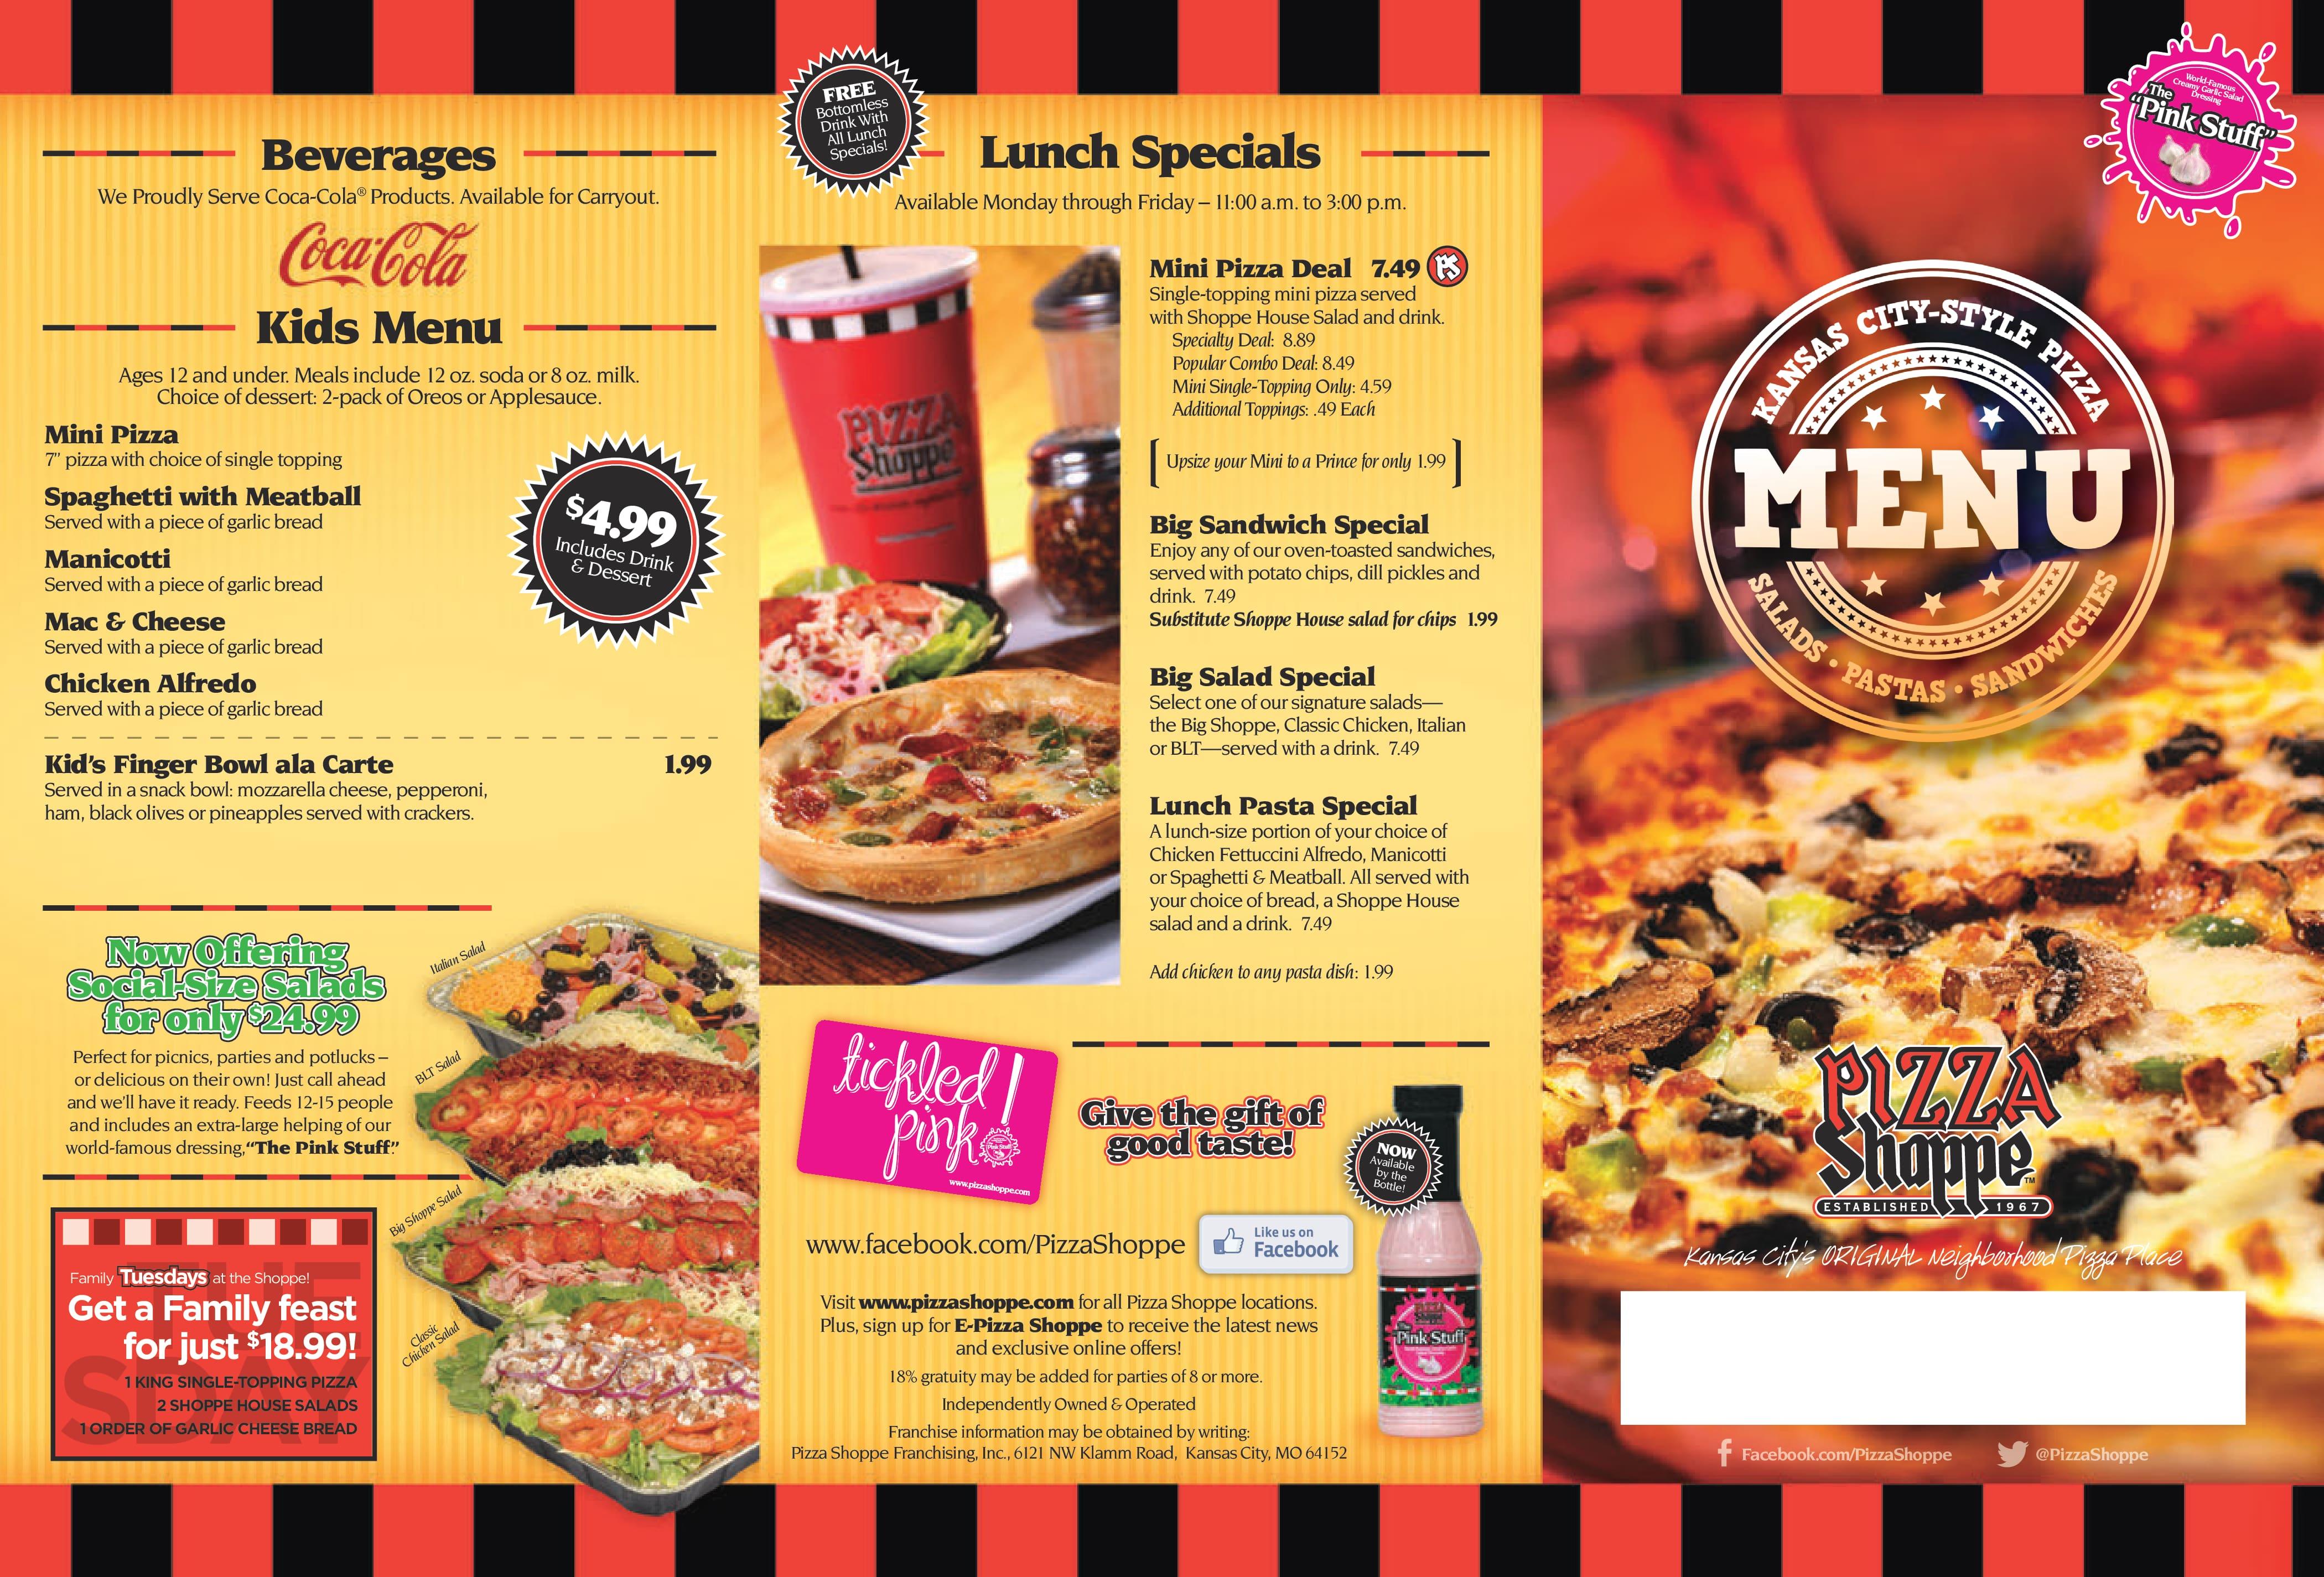 Pizza shoppe platte woods